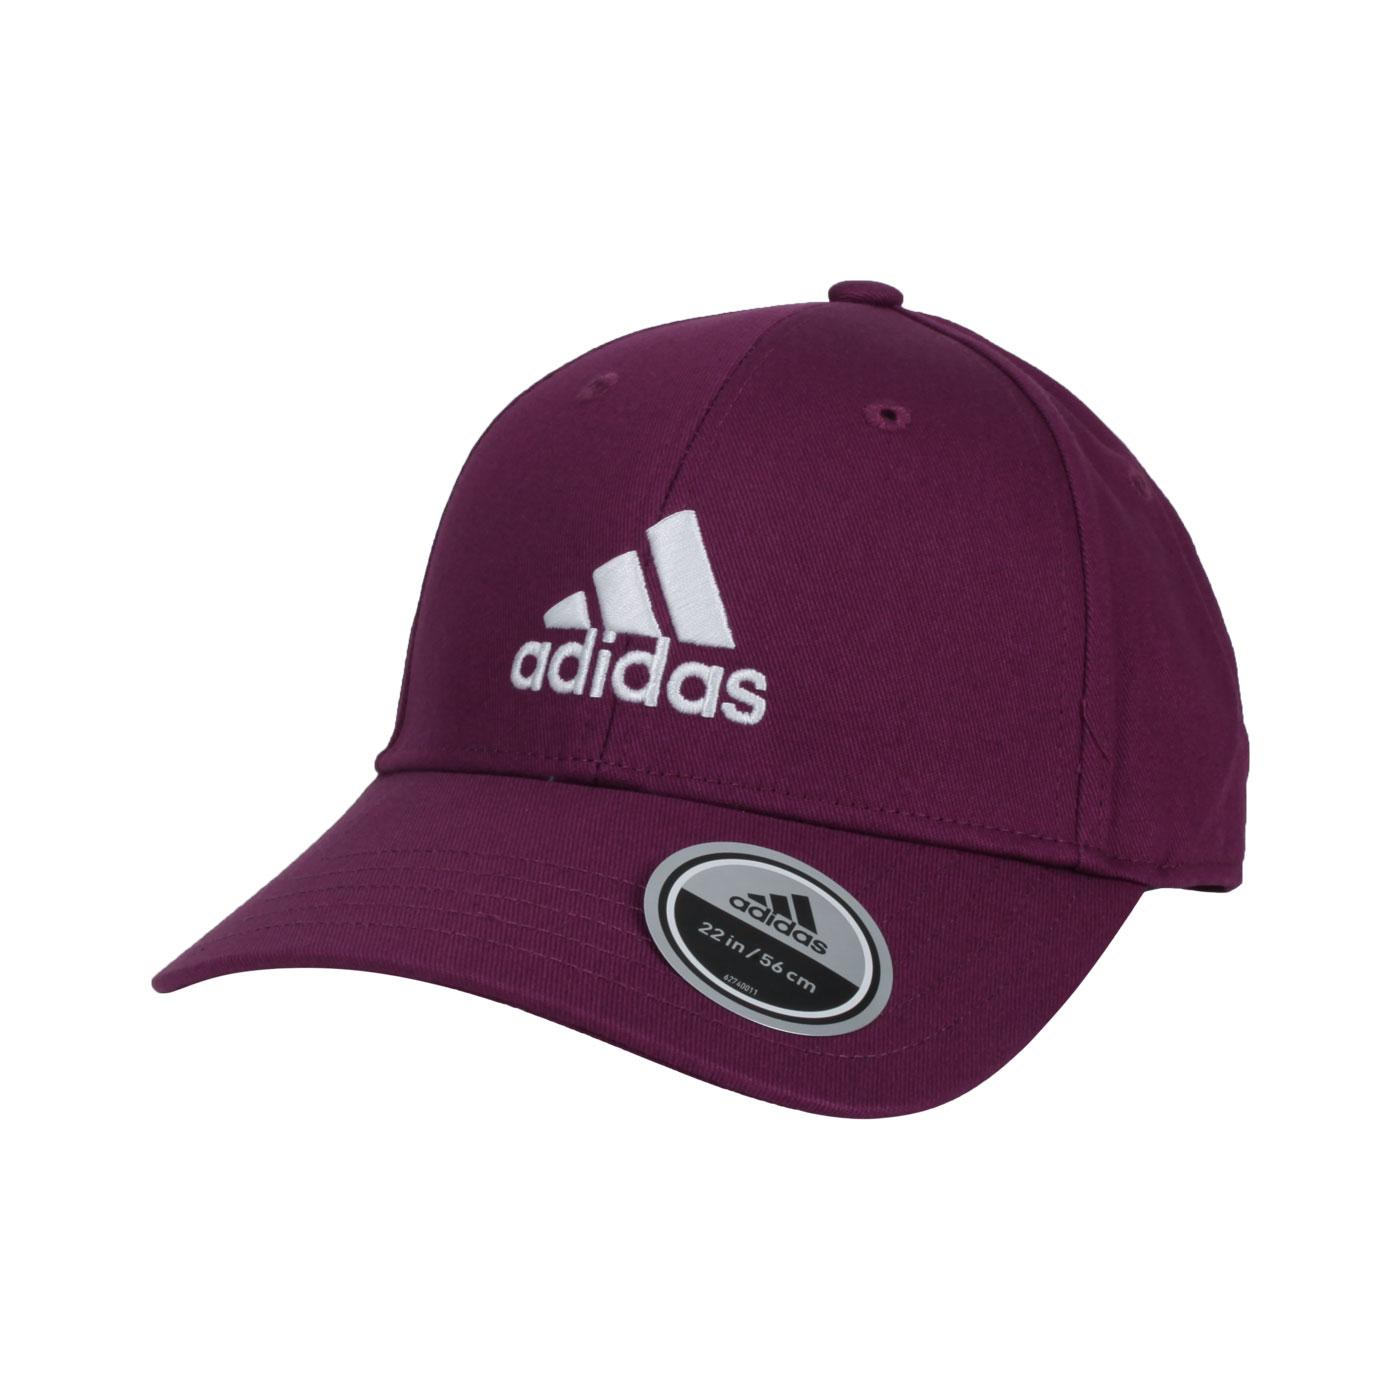 ADIDAS 棒球帽 H34475